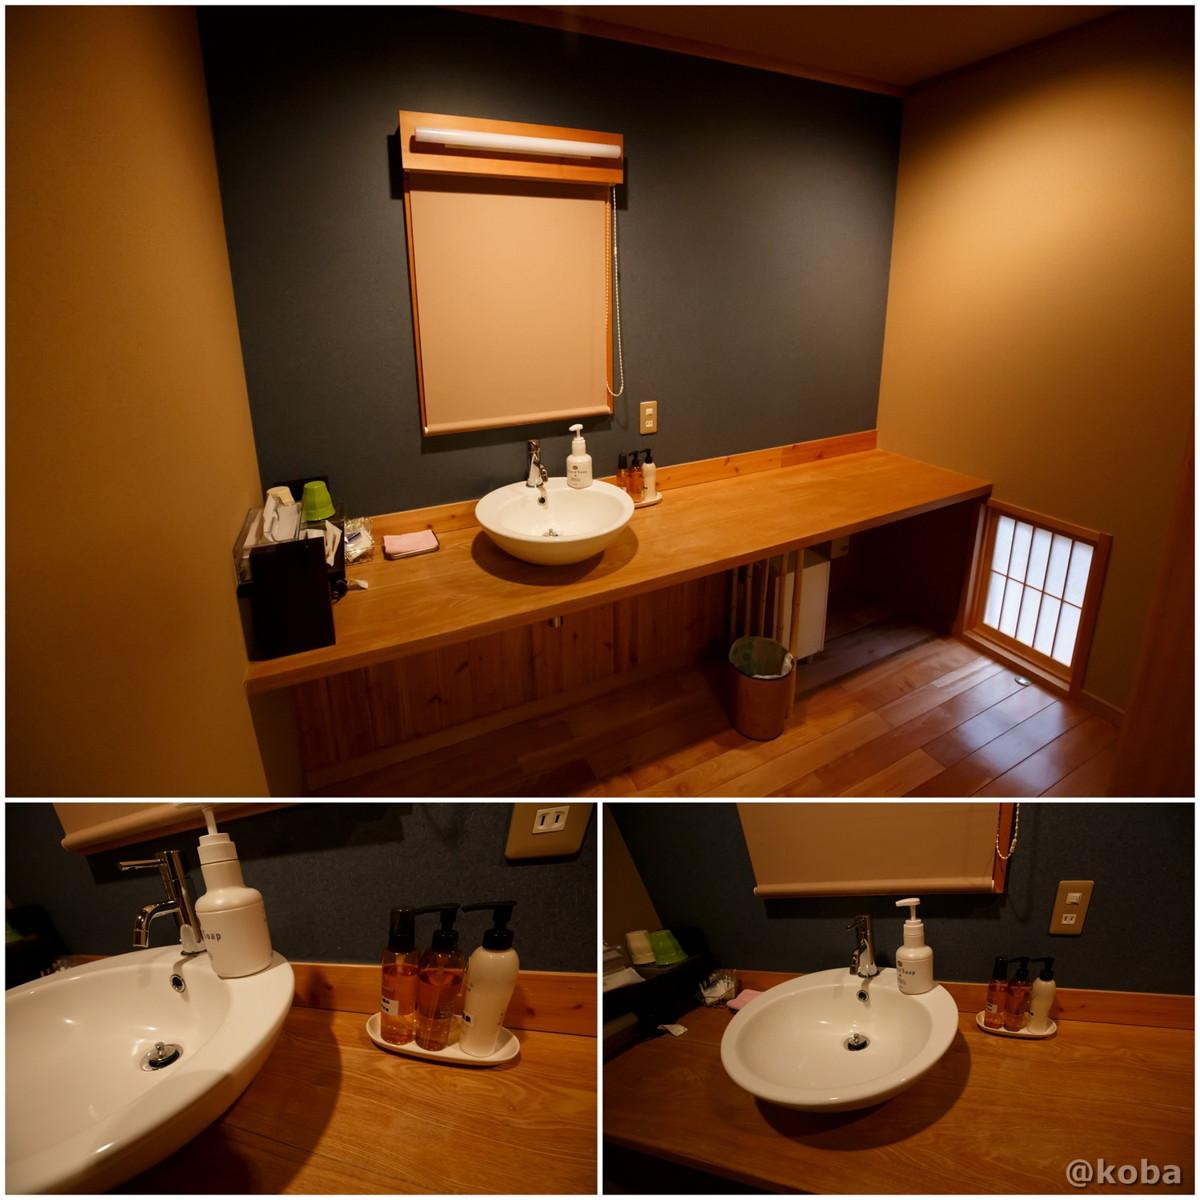 洗面所の写真|内山峠 初谷温泉(うちやまとうげ しょやおんせん)|長野県佐久市